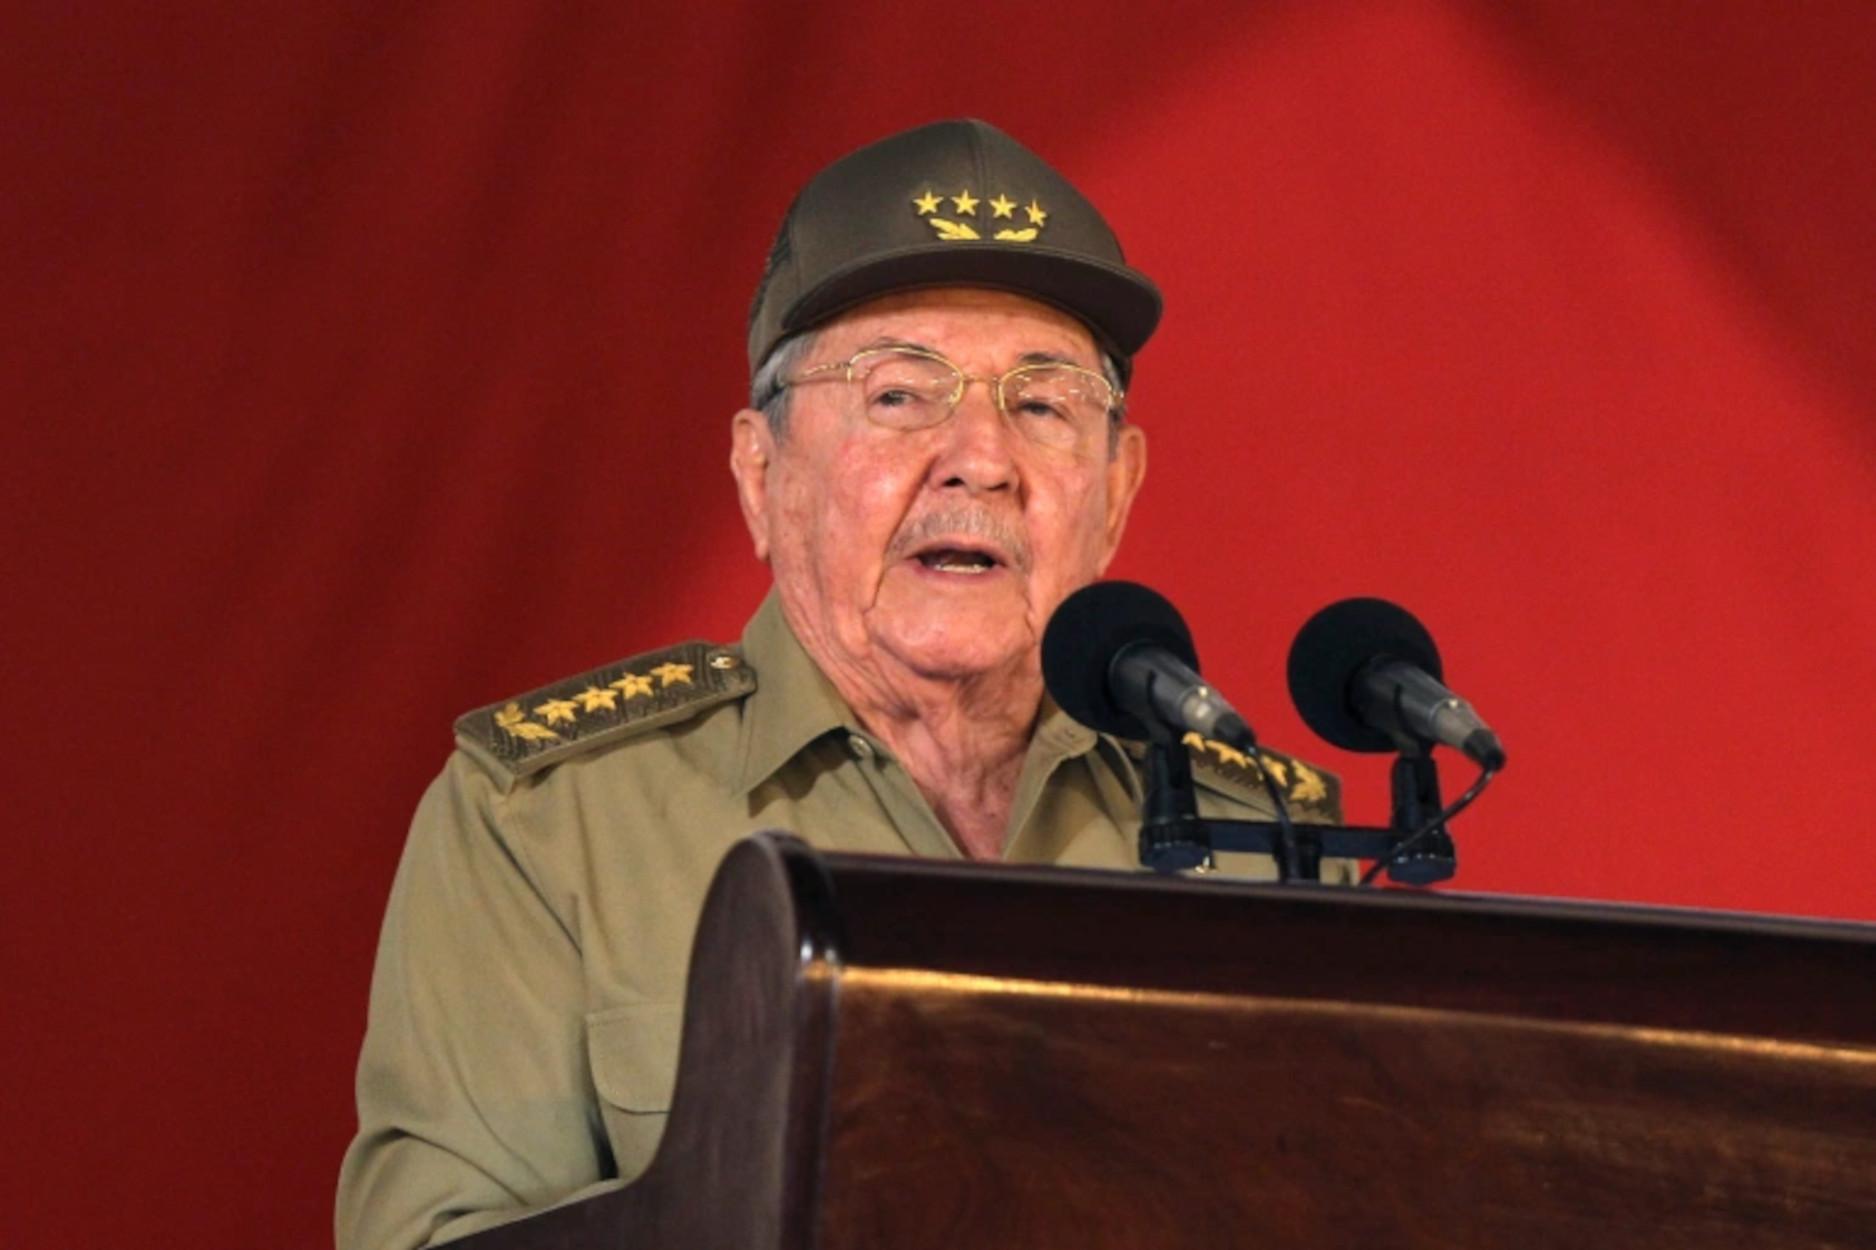 Απόρρητα έγγραφα αποκάλυψαν σχέδιο της CIA για δολοφονία του Ραούλ Κάστρο